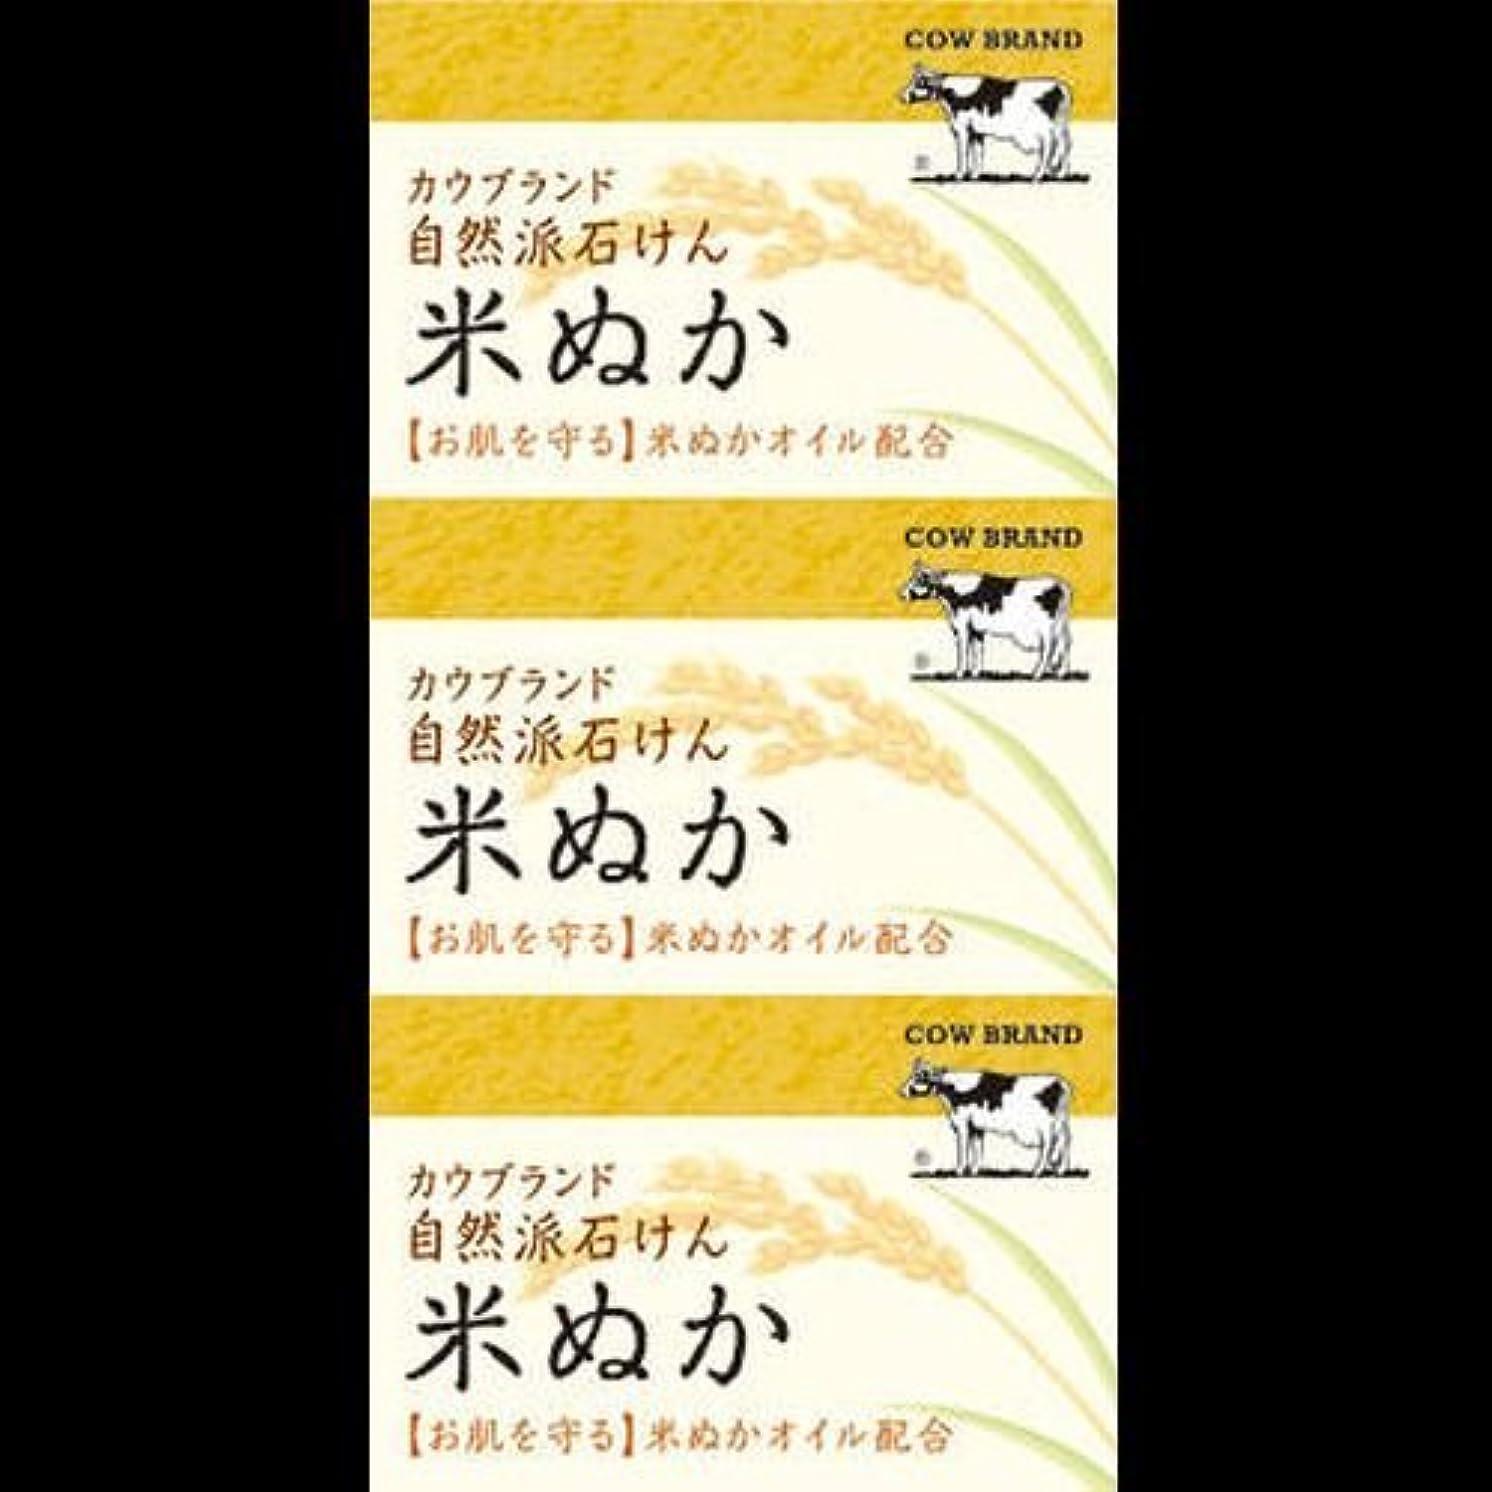 運命的な距離裕福な【まとめ買い】カウブランド 自然派石けん 米ぬか 100g*3個 ×2セット